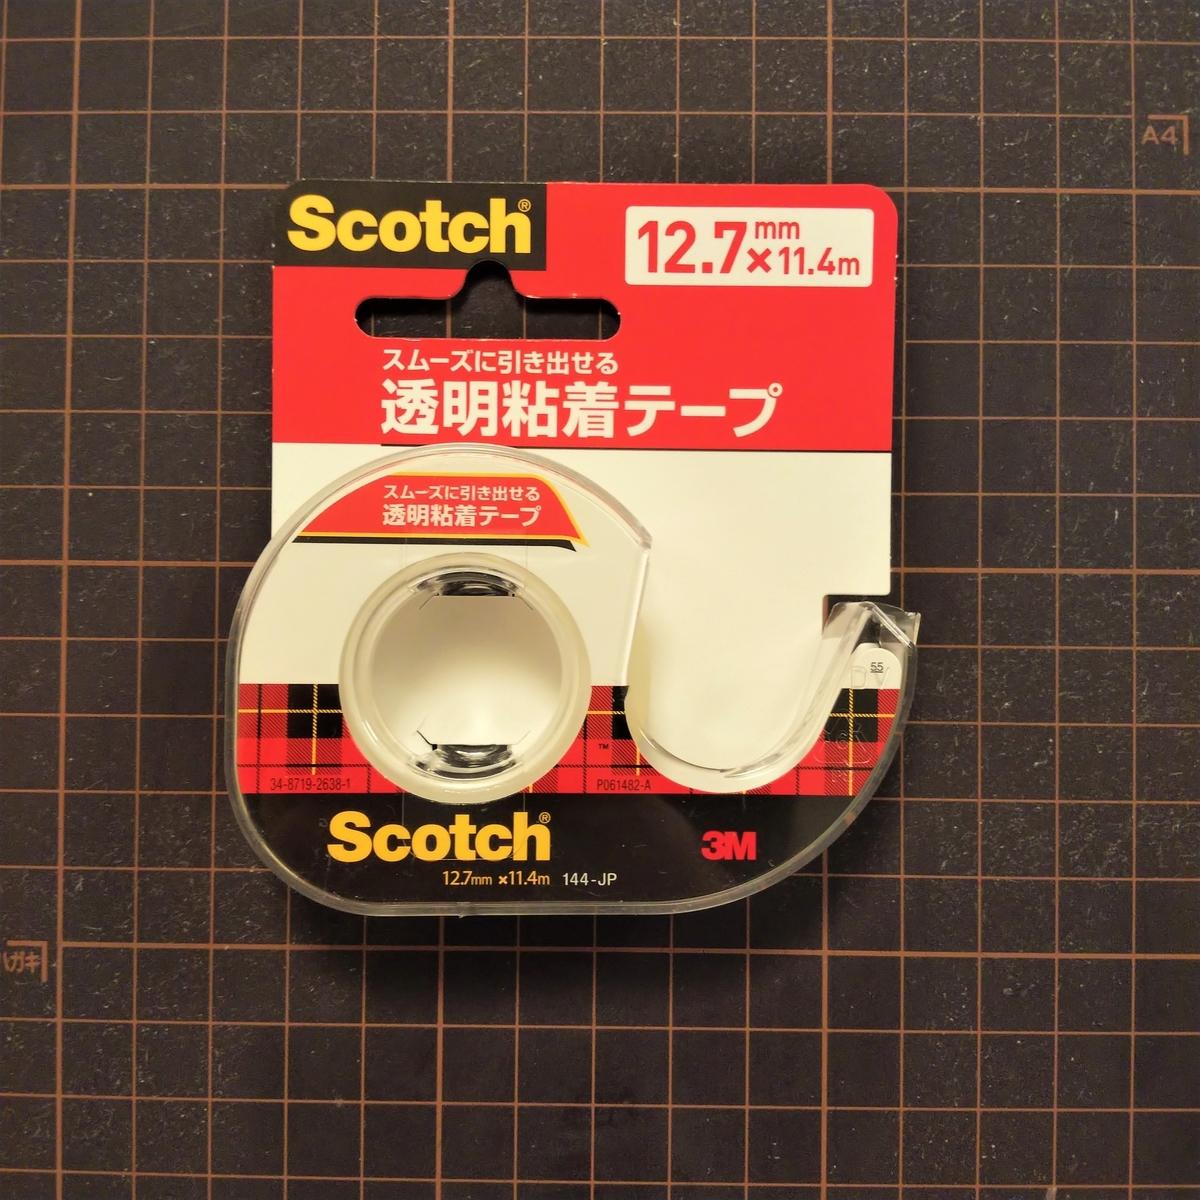 Scotchの透明粘着テープ